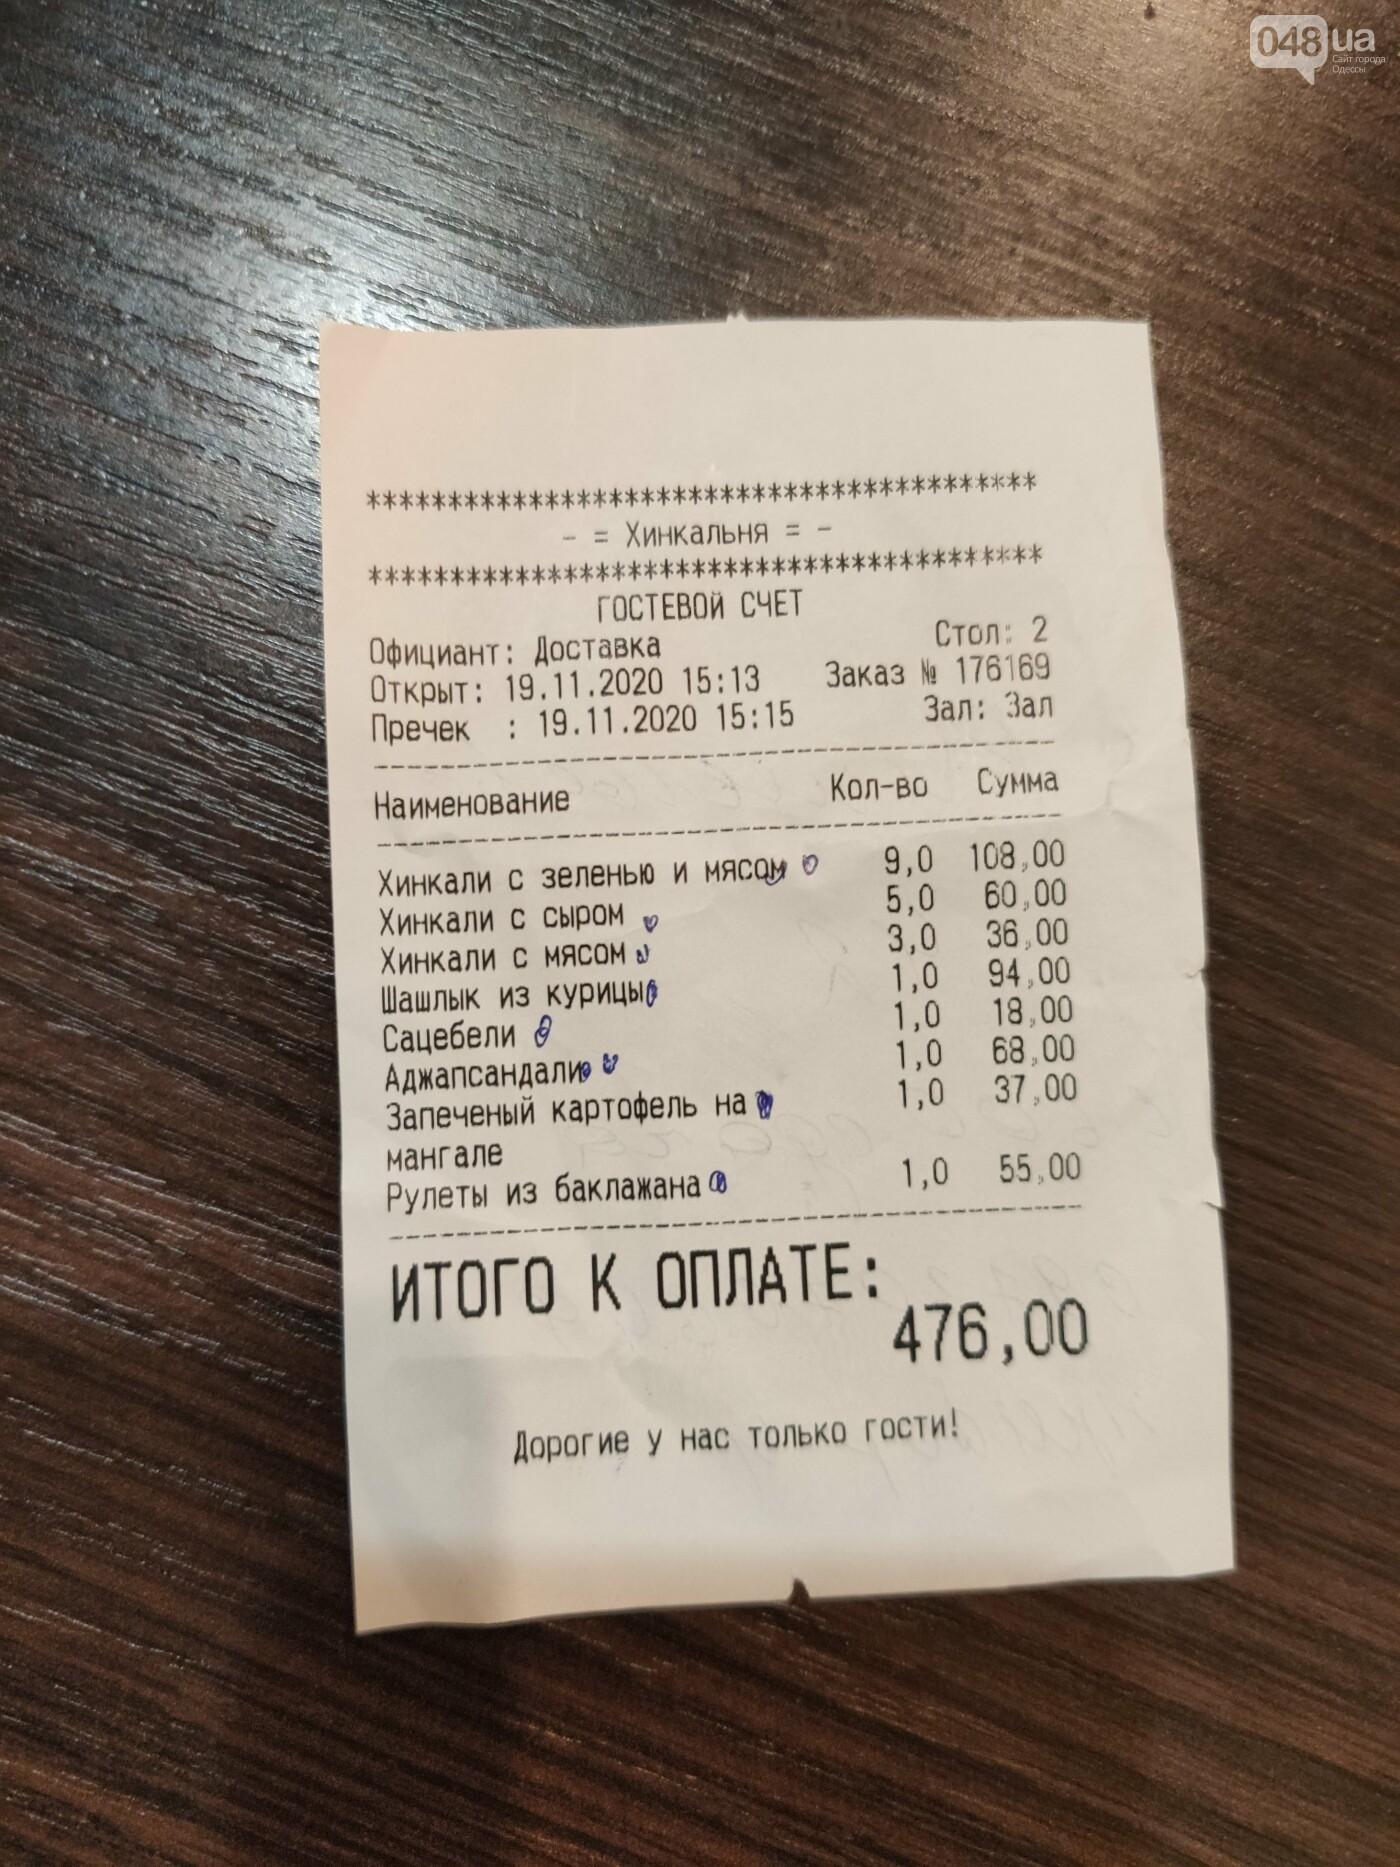 Время, качество, цена: тестируем доставку из грузинского ресторана в Одессе, - ФОТО, фото-2